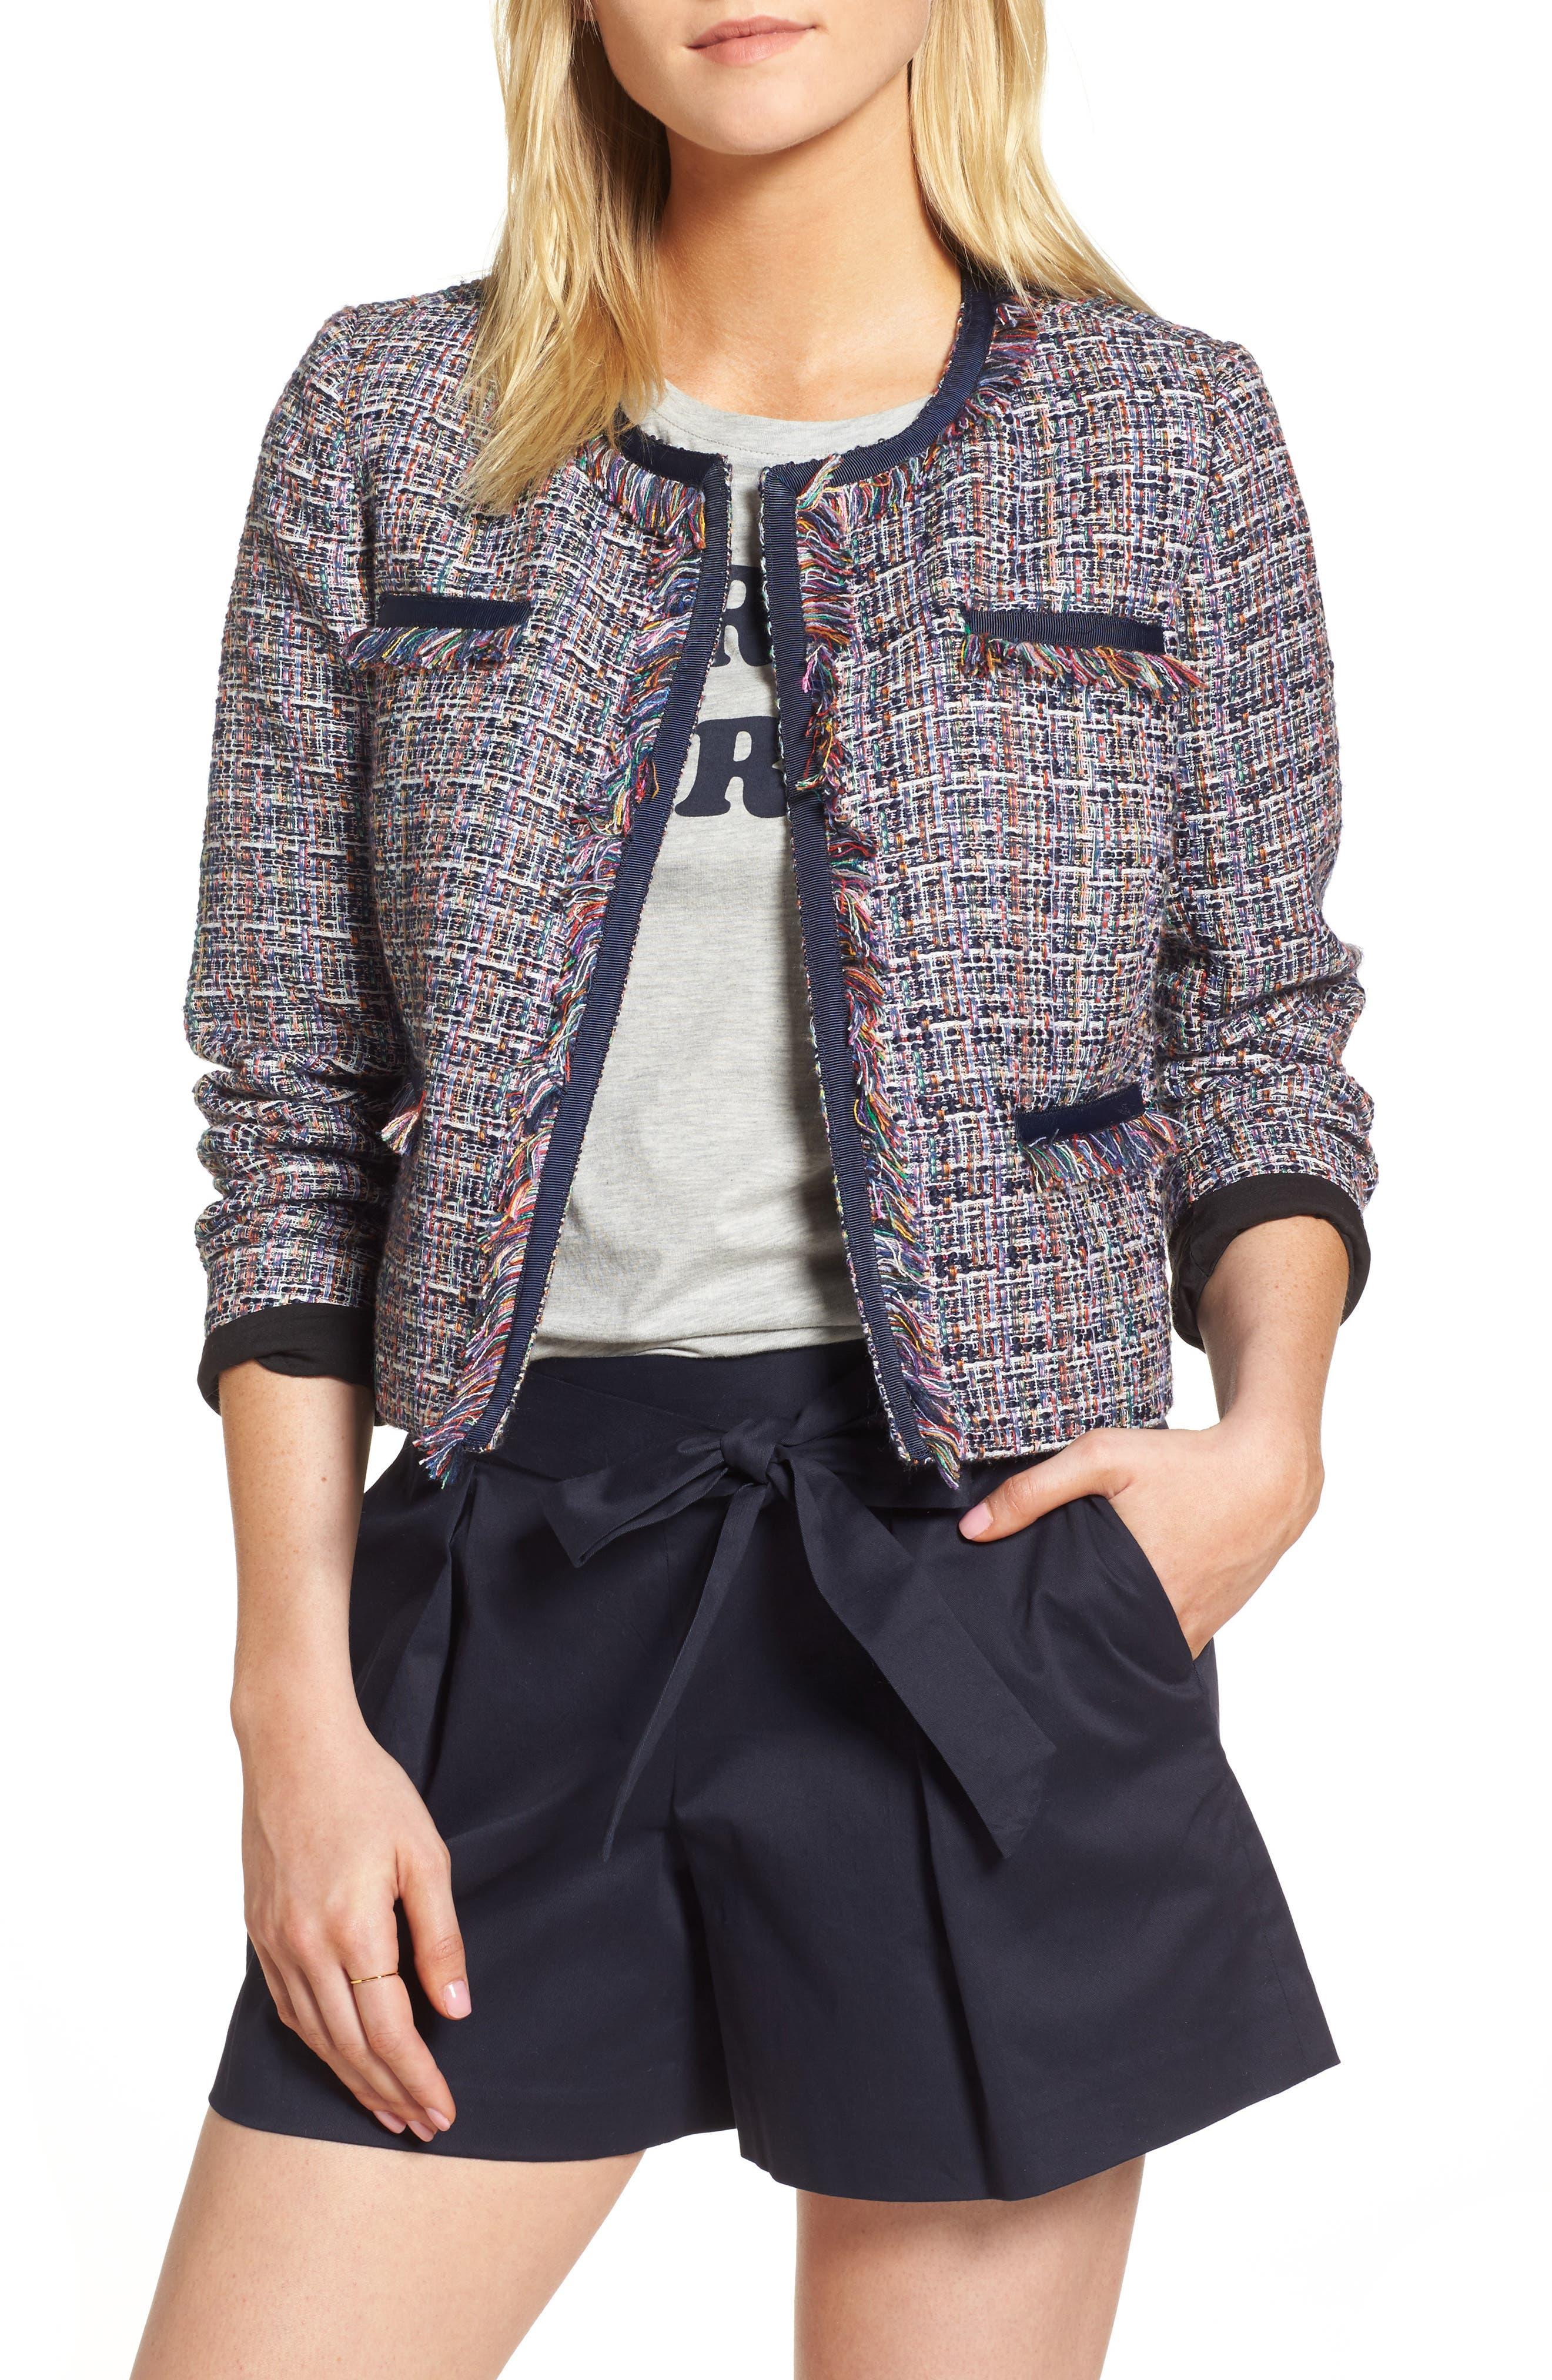 Alternate Image 1 Selected - 1901 Tweed Jacket